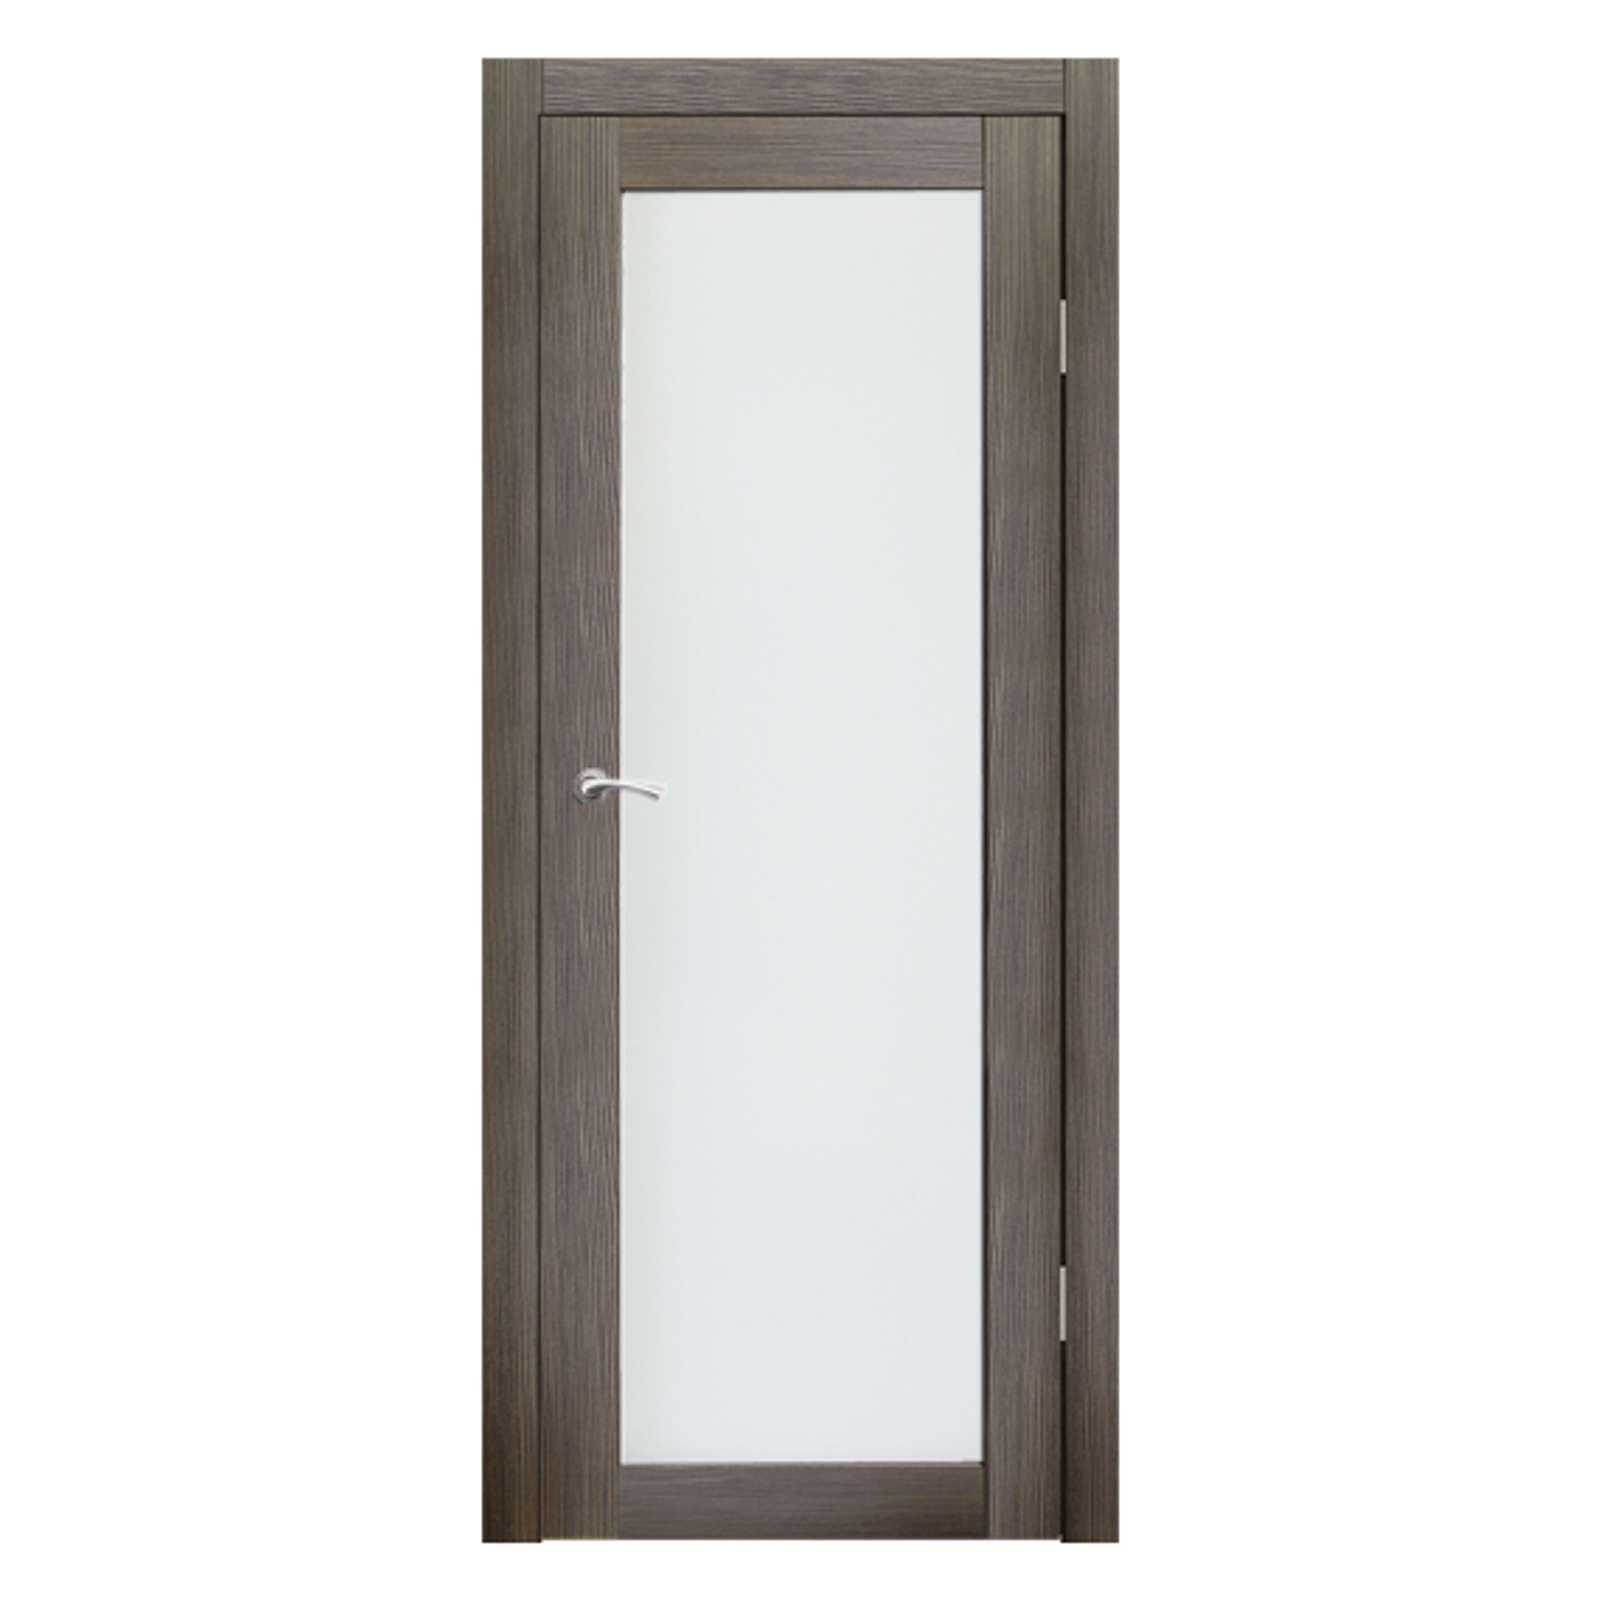 Полотно дверное остекленное Легро СИНЕРЖИ акация темная ПВХ, ПДО 800х2000мм